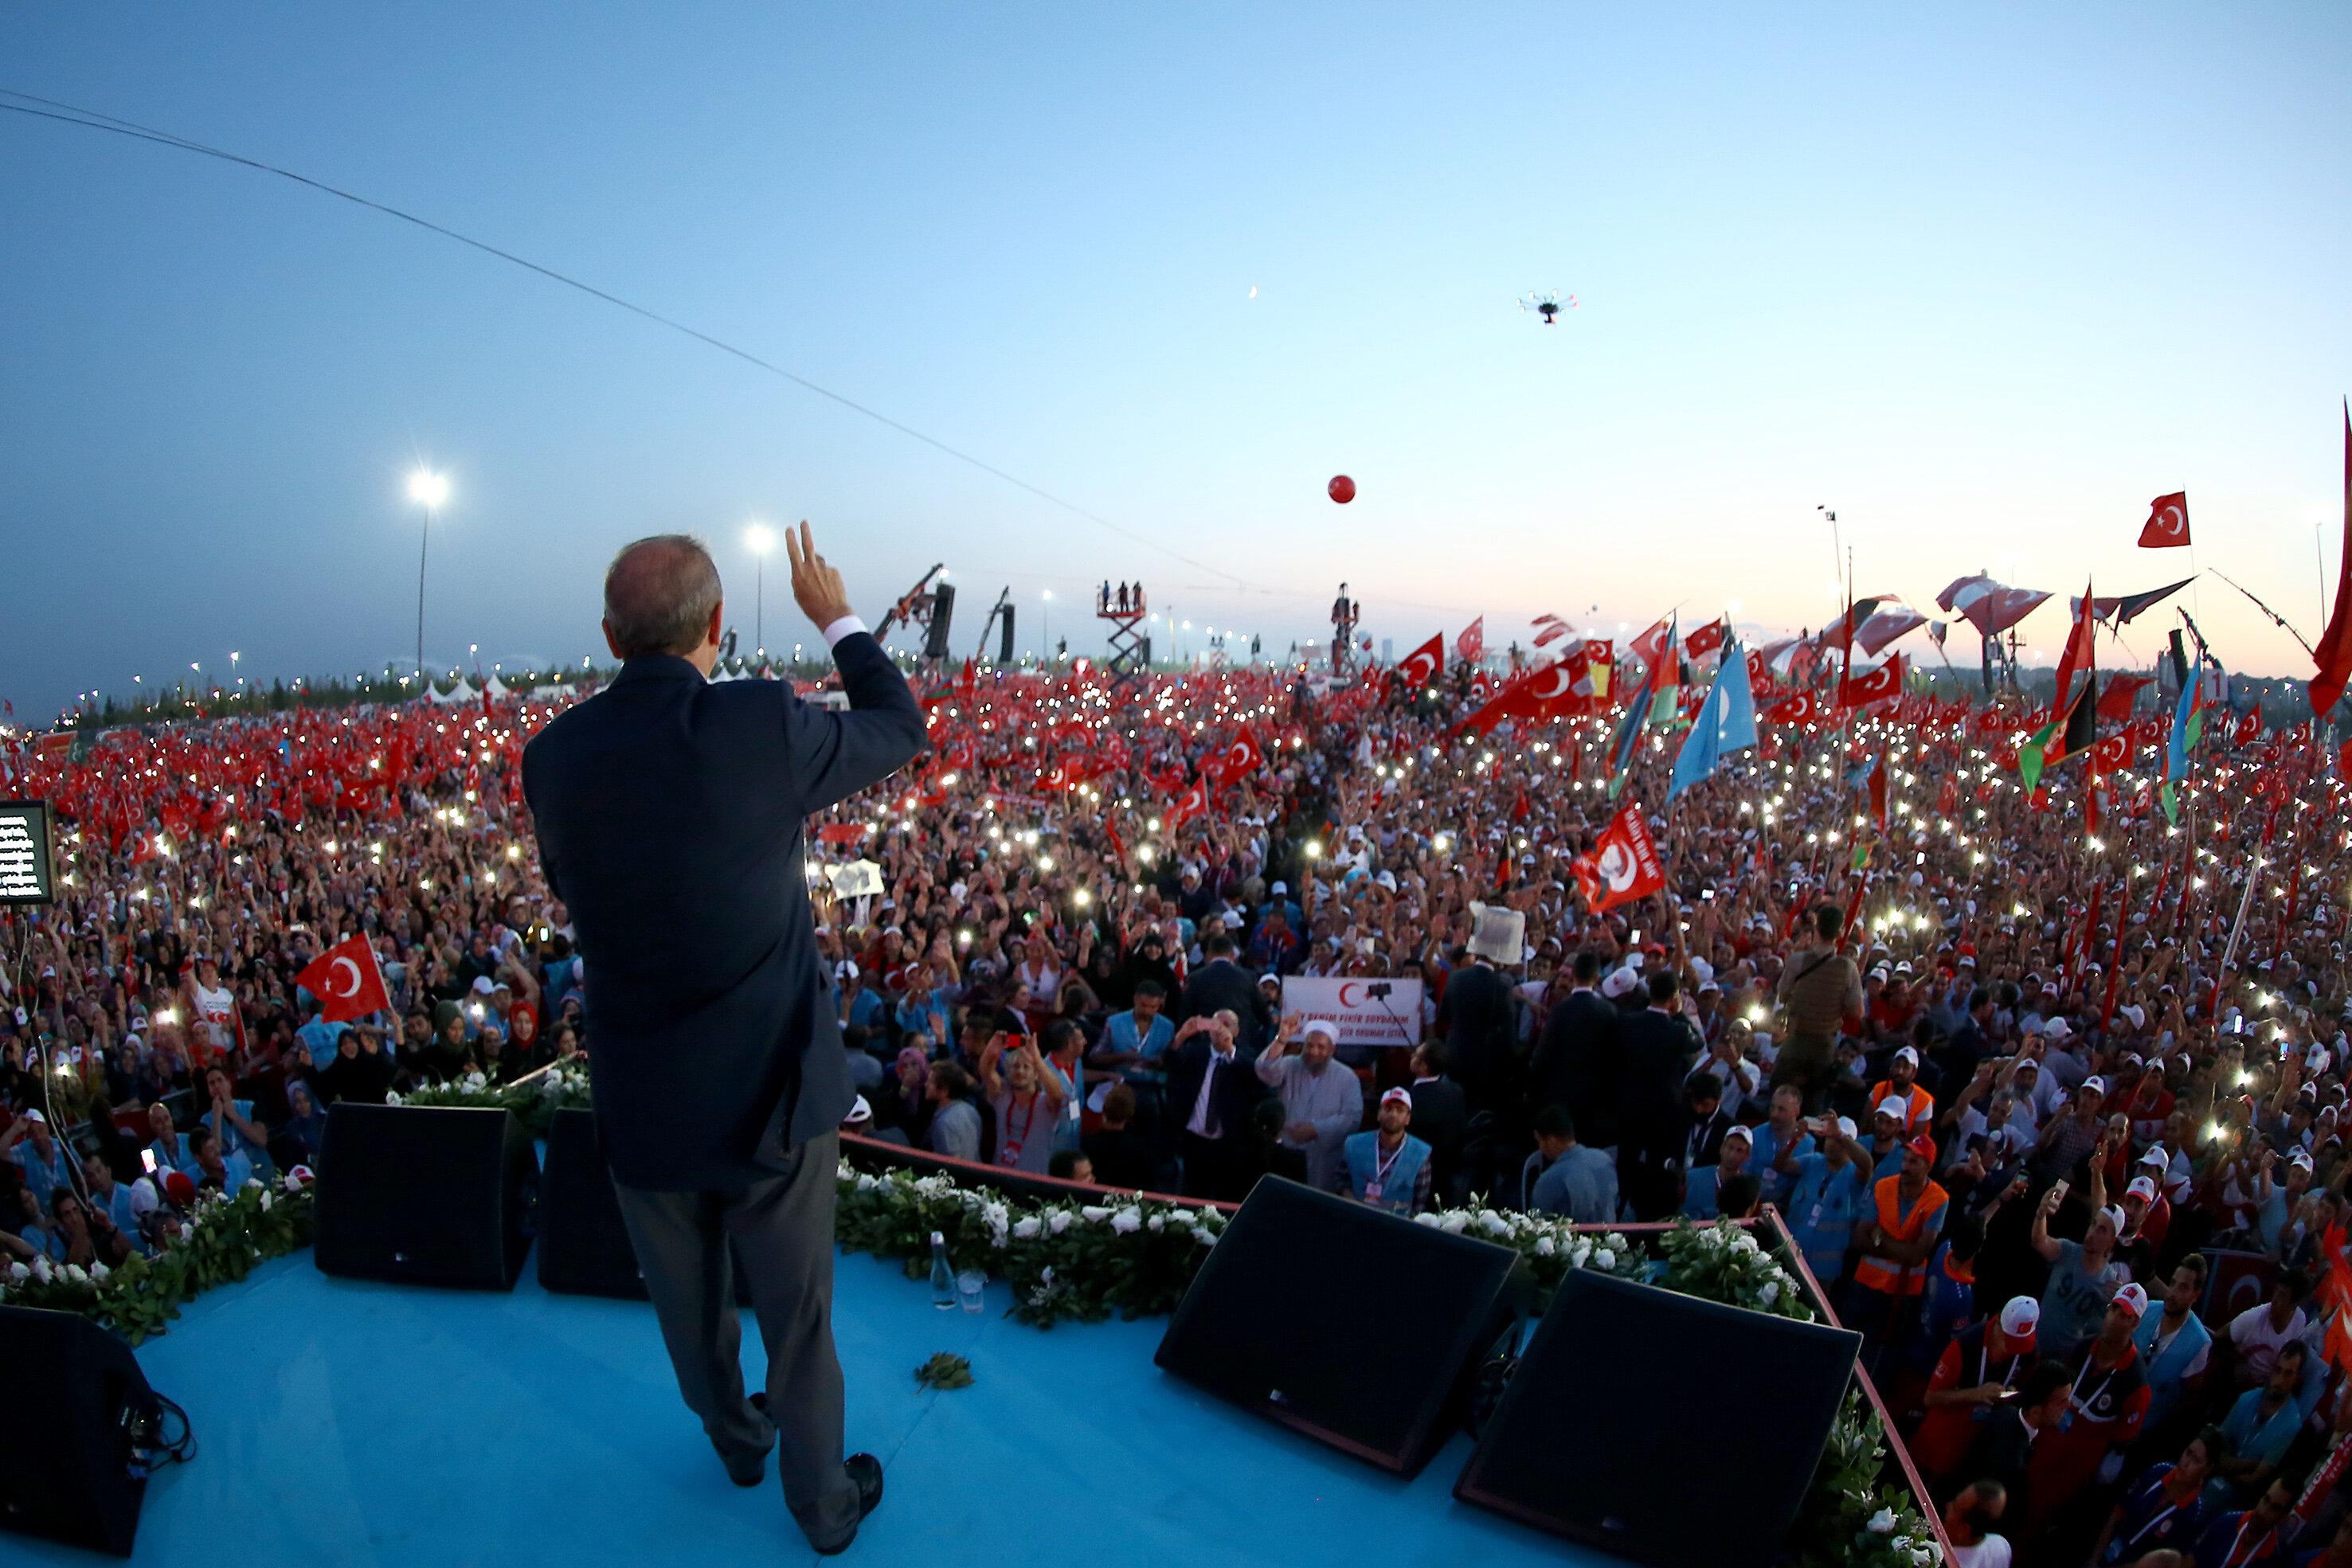 Darbe girişimi sonrasında Cumhurbaşkanı Recep Tayyip Erdoğan'ın çağrısıyla 'Demokrasi ve Şehitler' mitingi İstanbul Yenikapı'da düzenlendi.